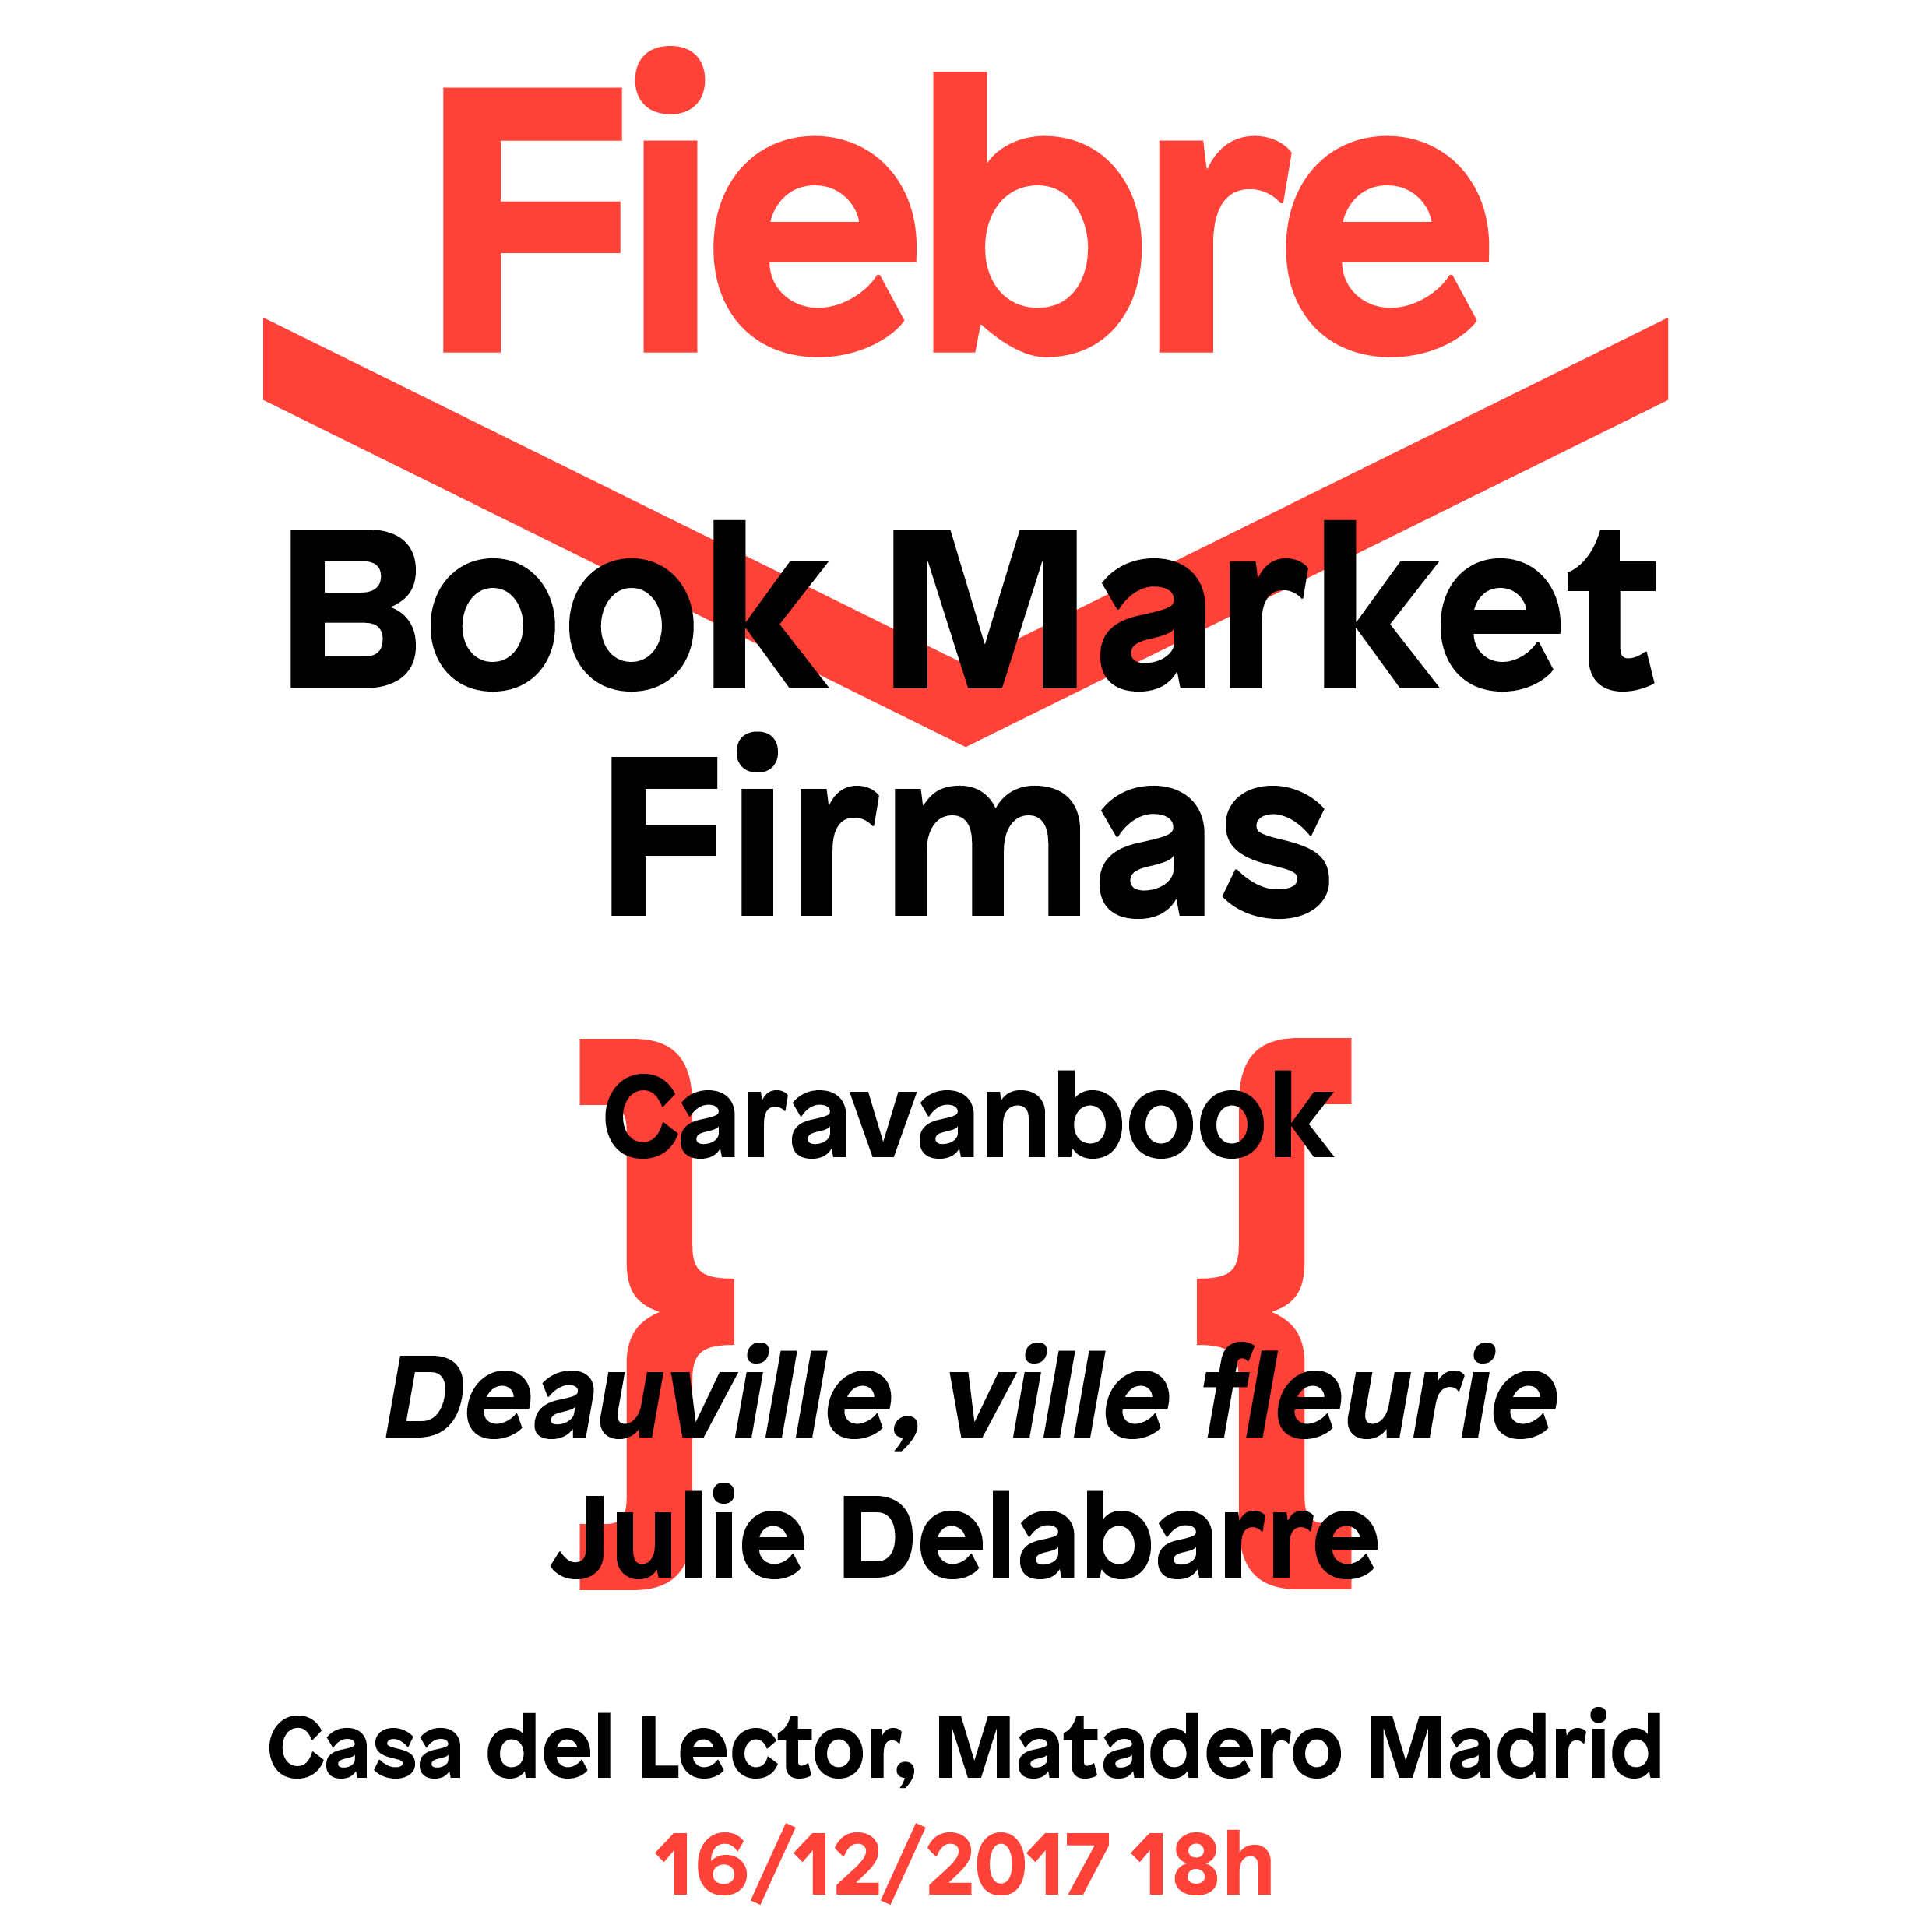 Fiebre_Firmas_08.jpg